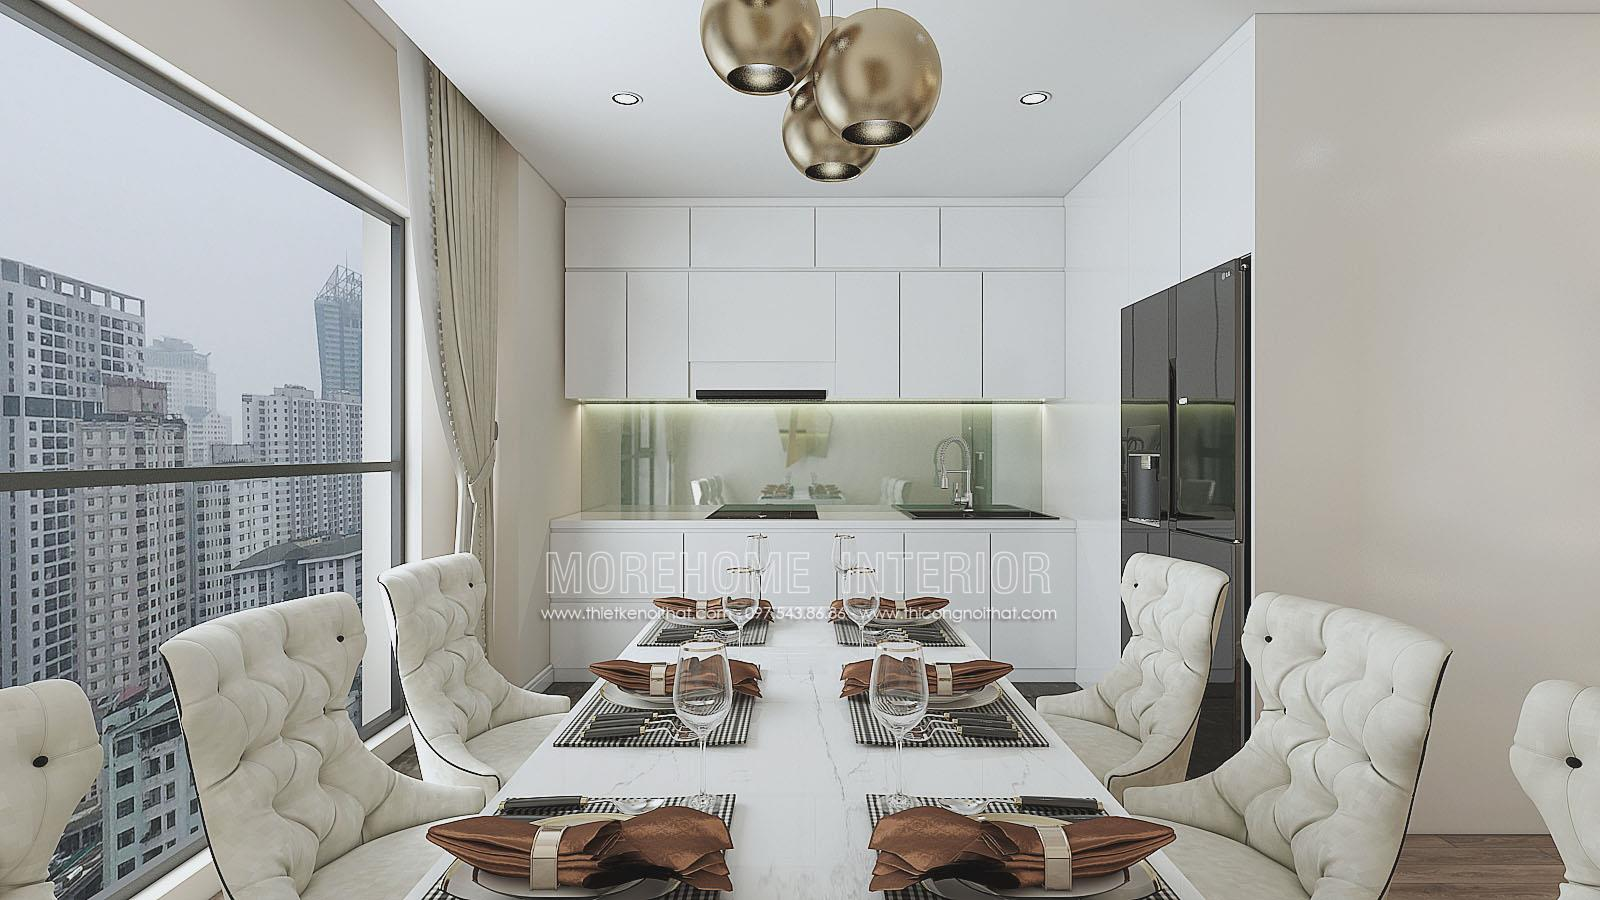 Thiết kế nội thất chung cư flc cầu giấy